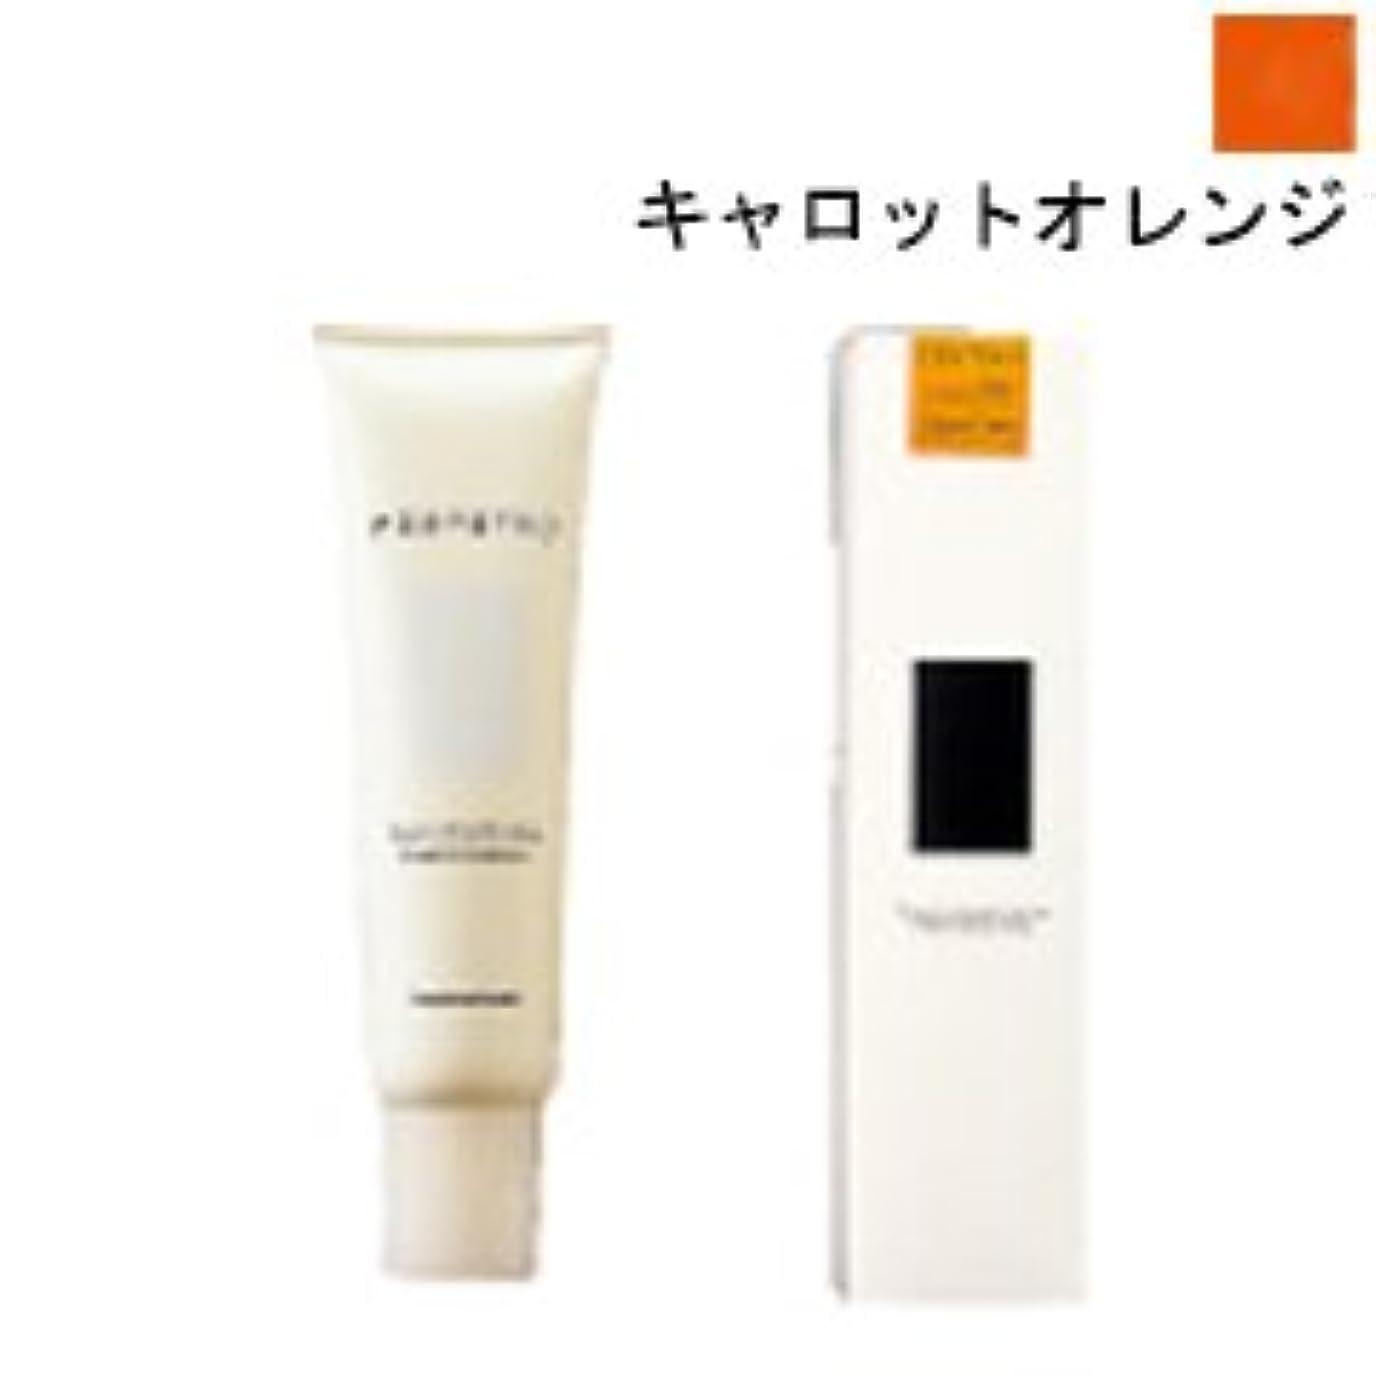 祖先卒業渇き【ナンバースリー】パーフェットカラー キャロットオレンジ 150g